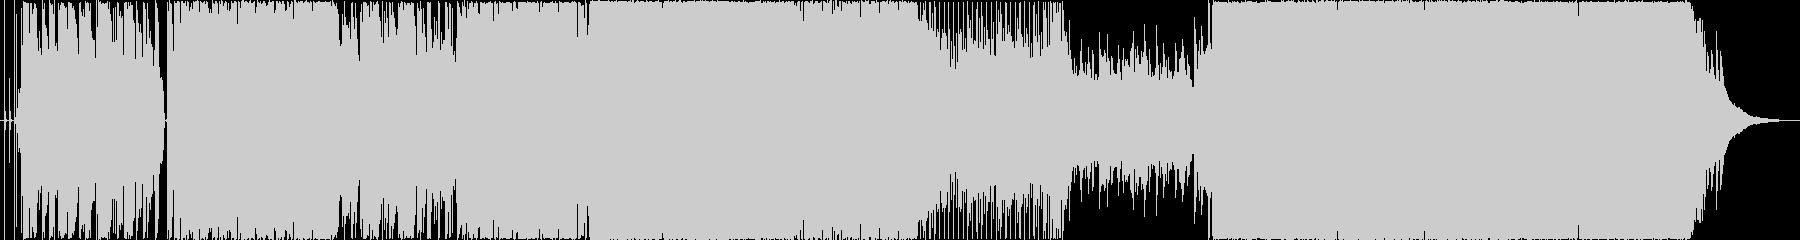 【生バンド演奏】泣きメロのピアノバラードの未再生の波形